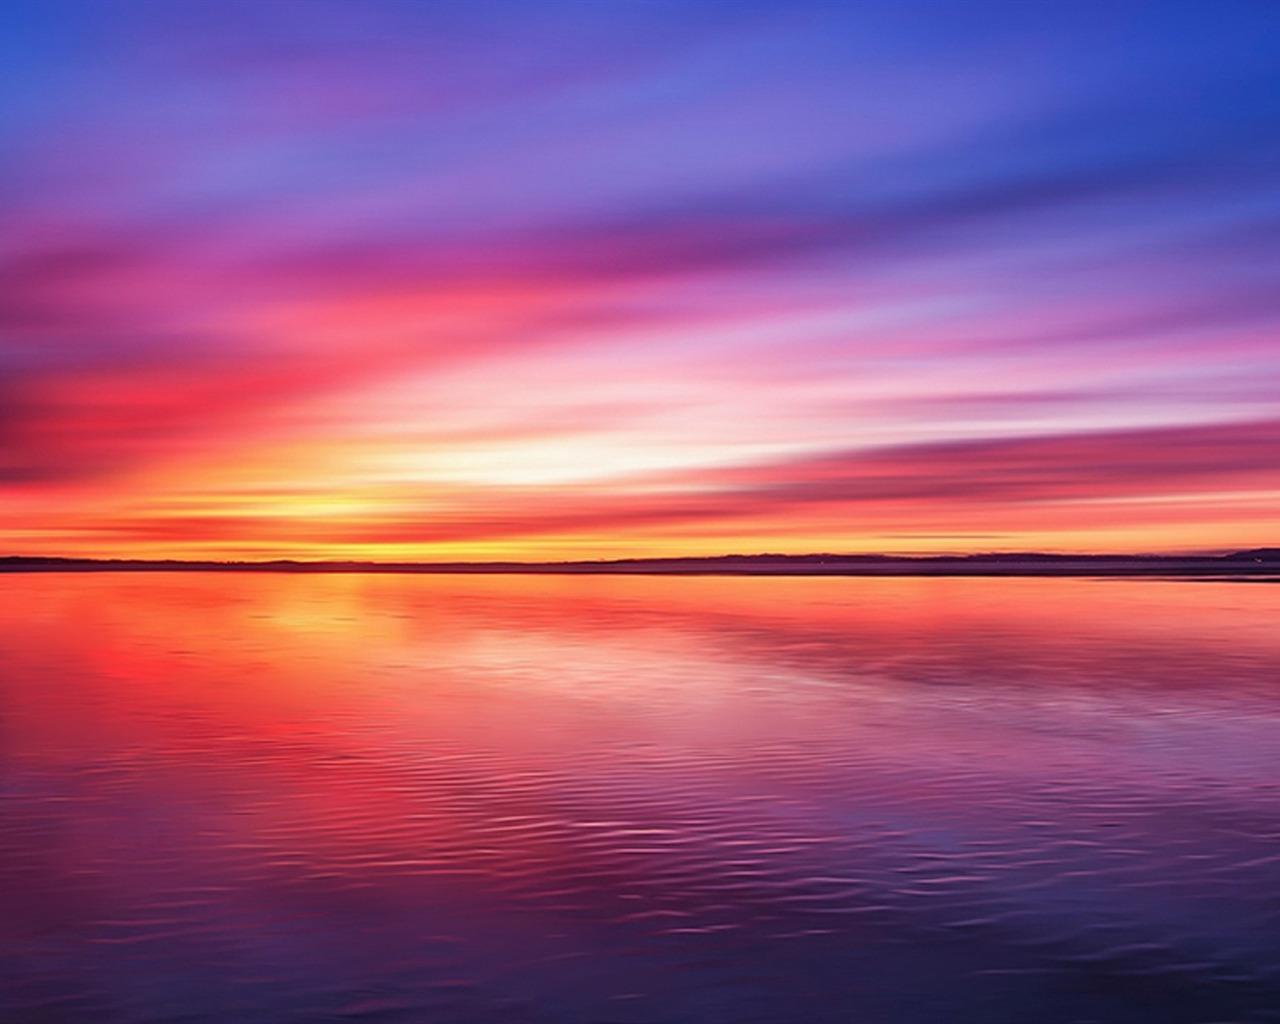 描述: 黄昏的颜色-照片高清壁纸 当前壁纸尺寸: 1280 x 1024图片